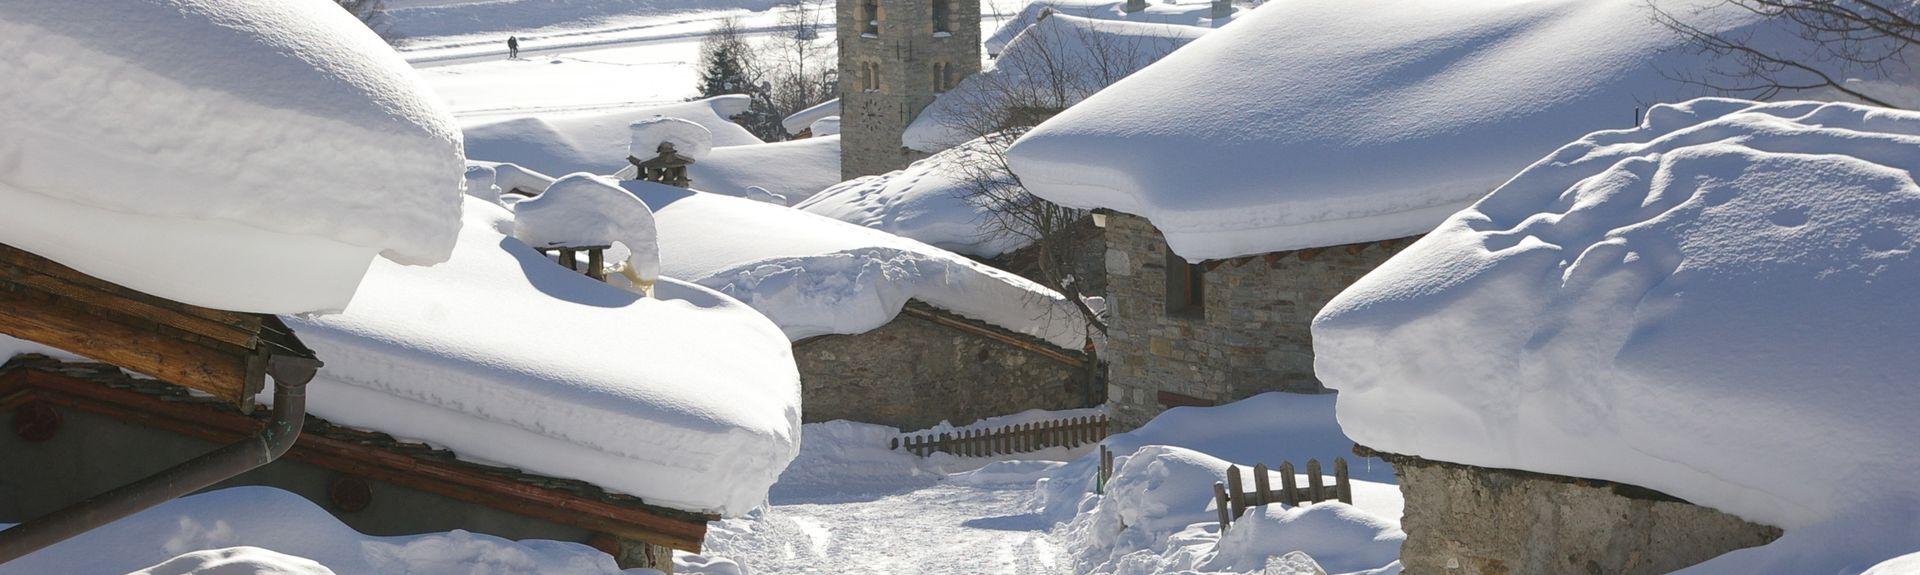 La Légettaz, Val-d'Isère, Auvergne-Rhône-Alpes, France